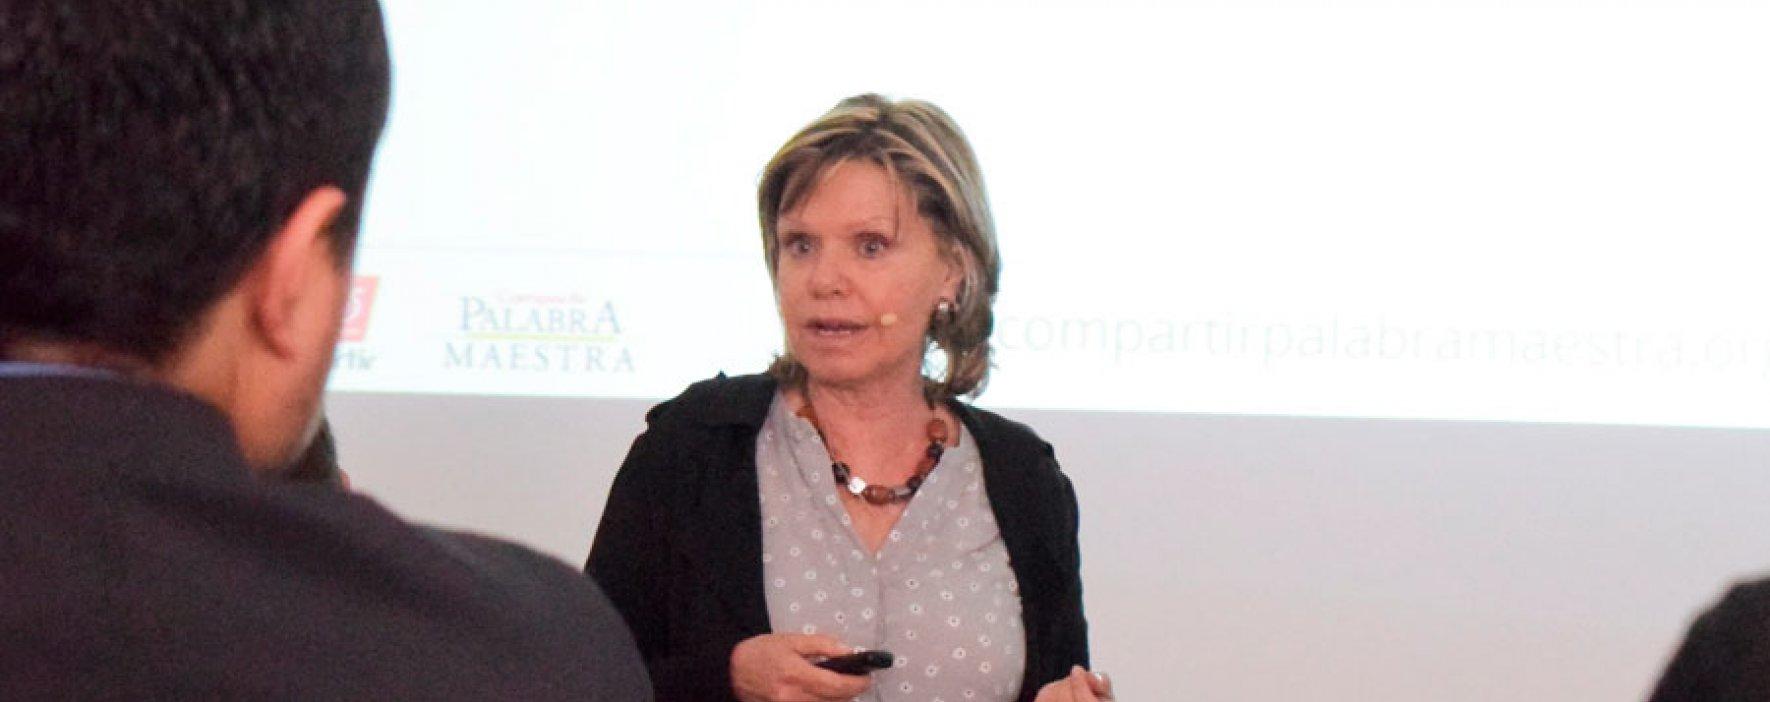 El aprendizaje bajo la lupa por Denise Vaillant